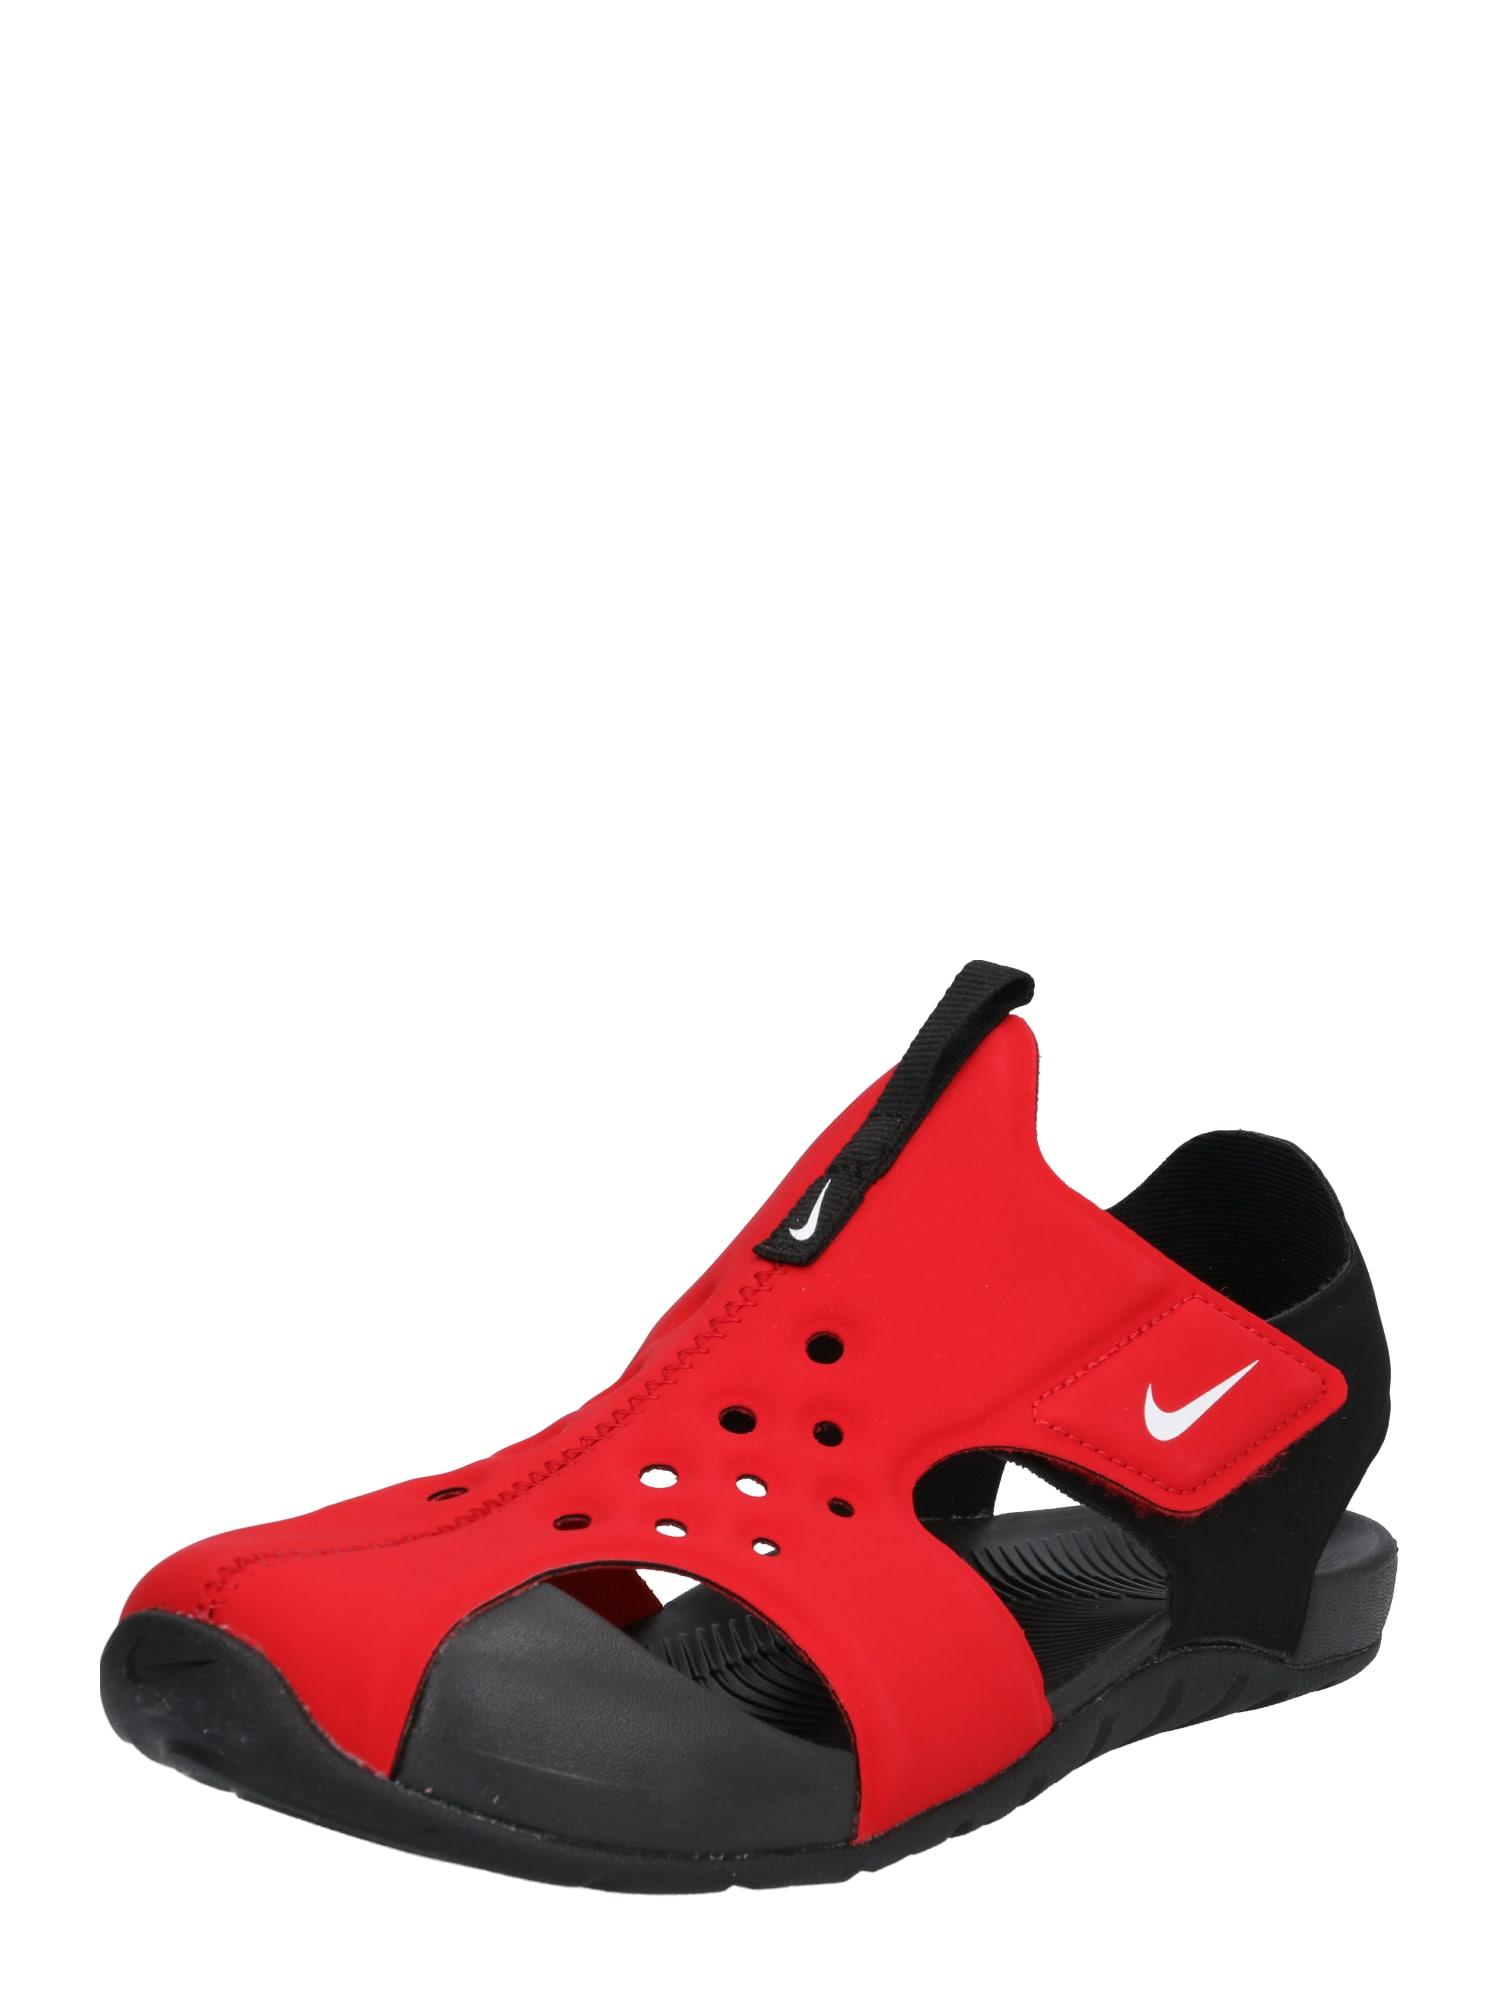 Plážovákoupací obuv Sunray Protect světle červená Nike Sportswear